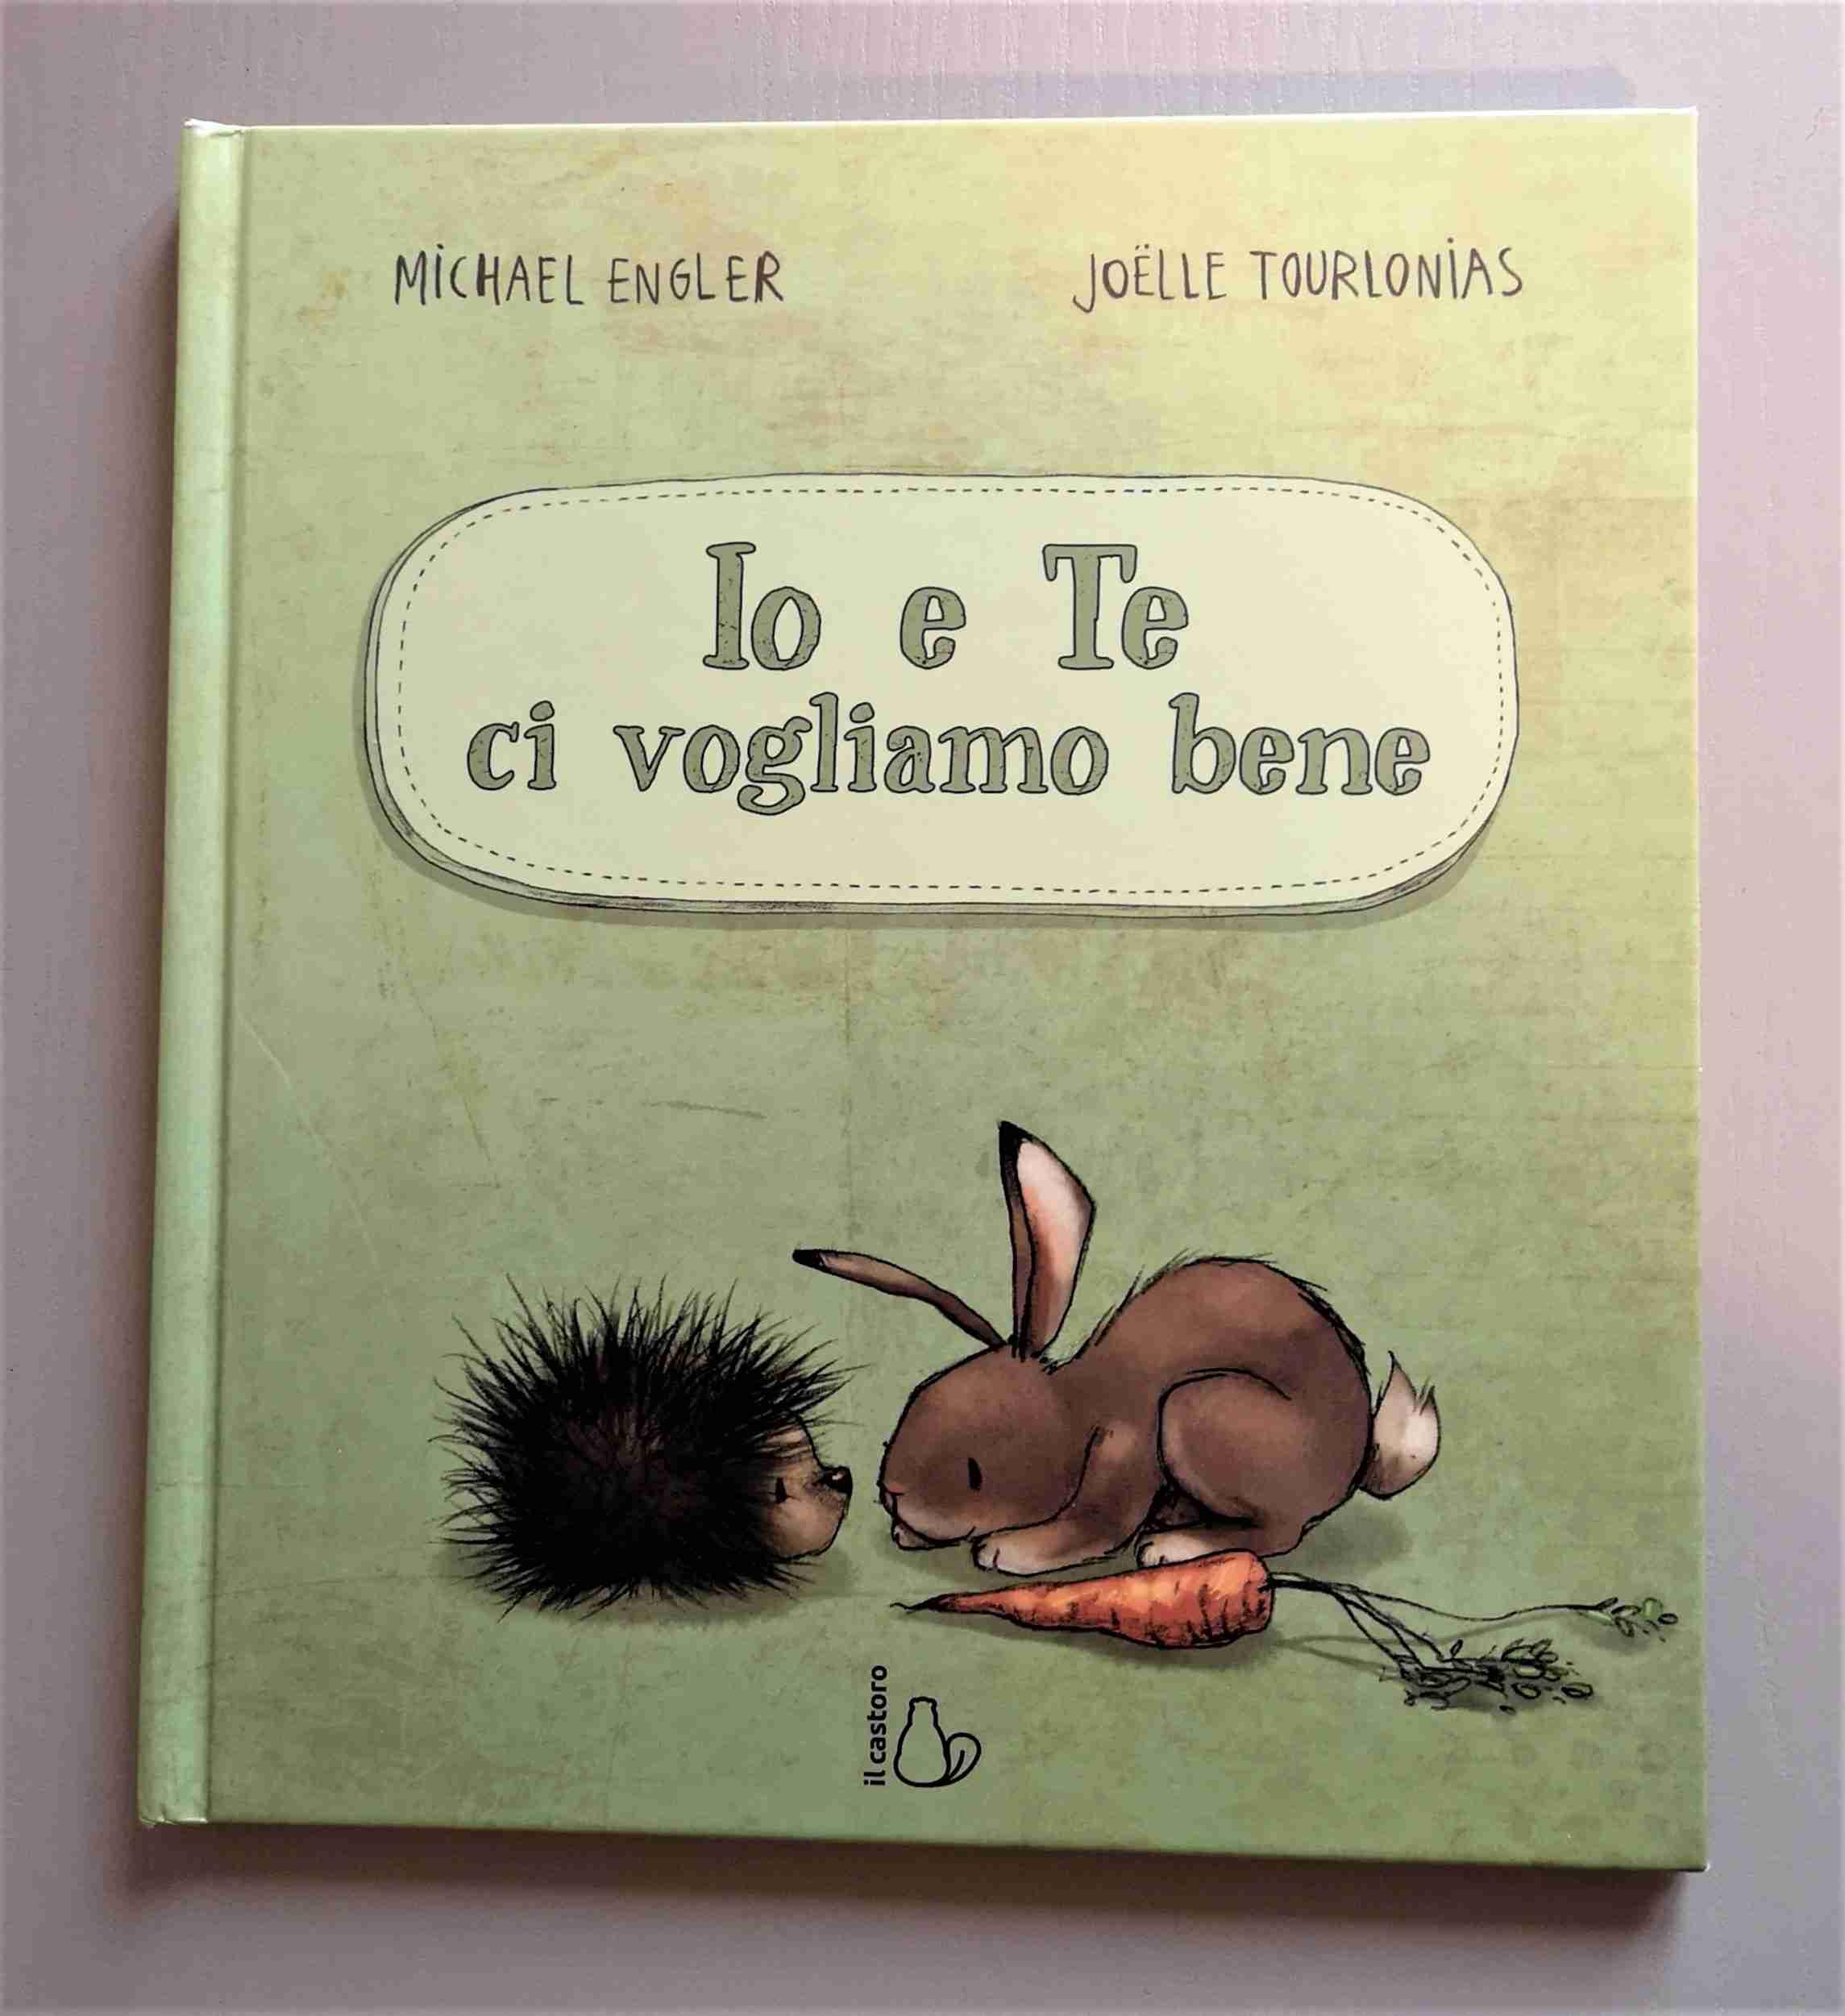 IO E TE CI VOGLIAMO BENE di Michael Engler e Joelle Tourlonias, IL CASTORO